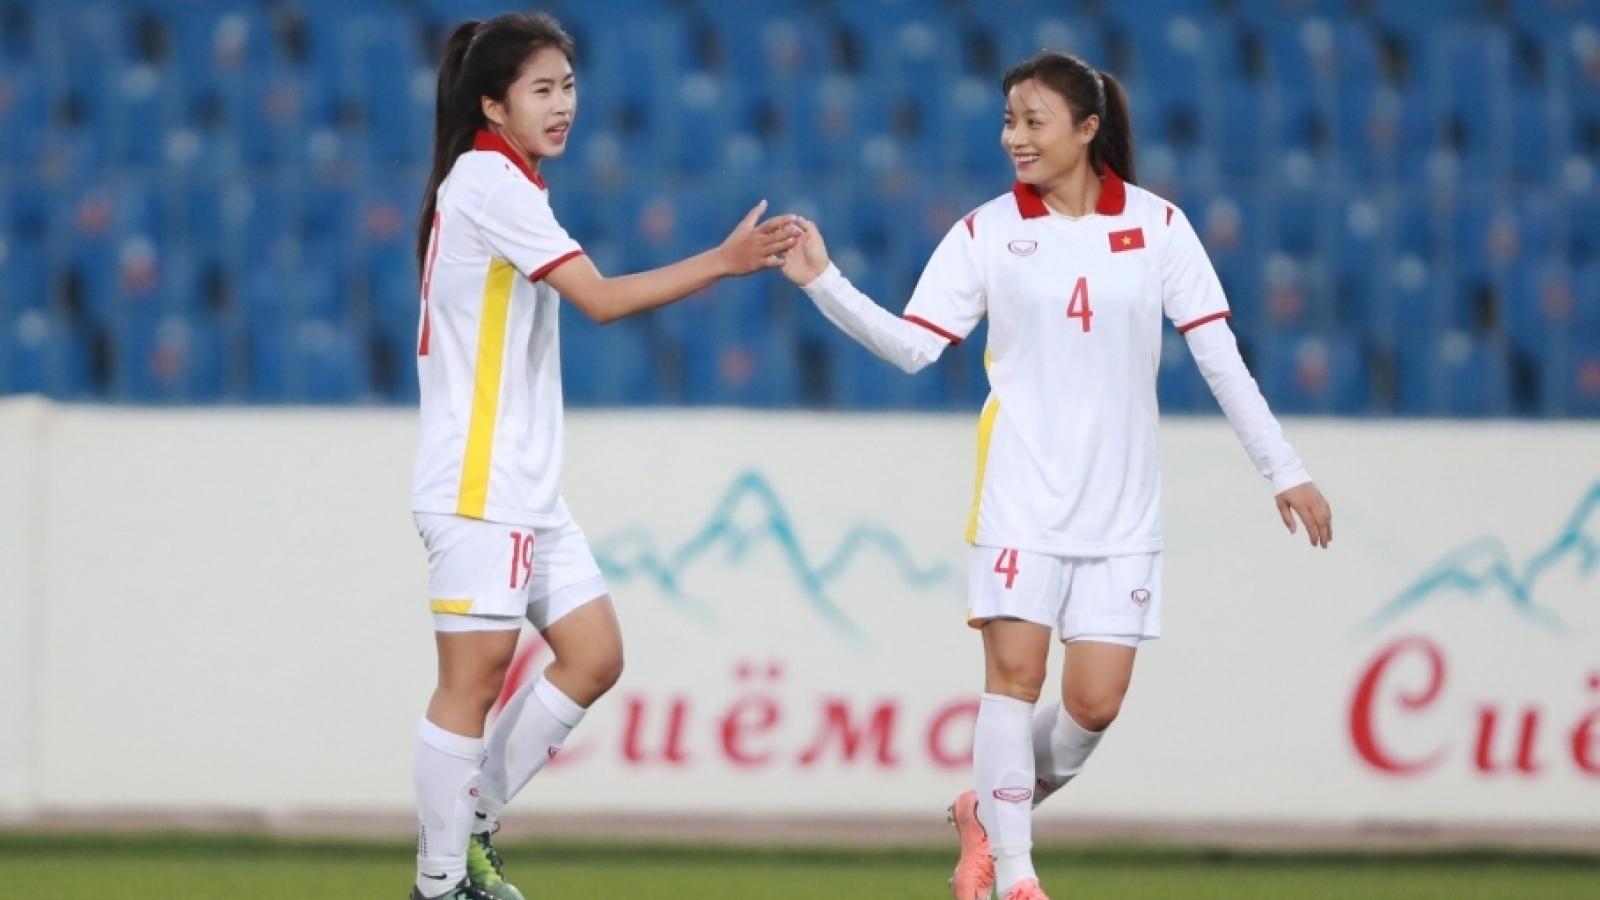 ĐT nữ Việt Nam chỉ cần hoà Tajikistan là đoạt vé dự VCK Asian Cup 2022